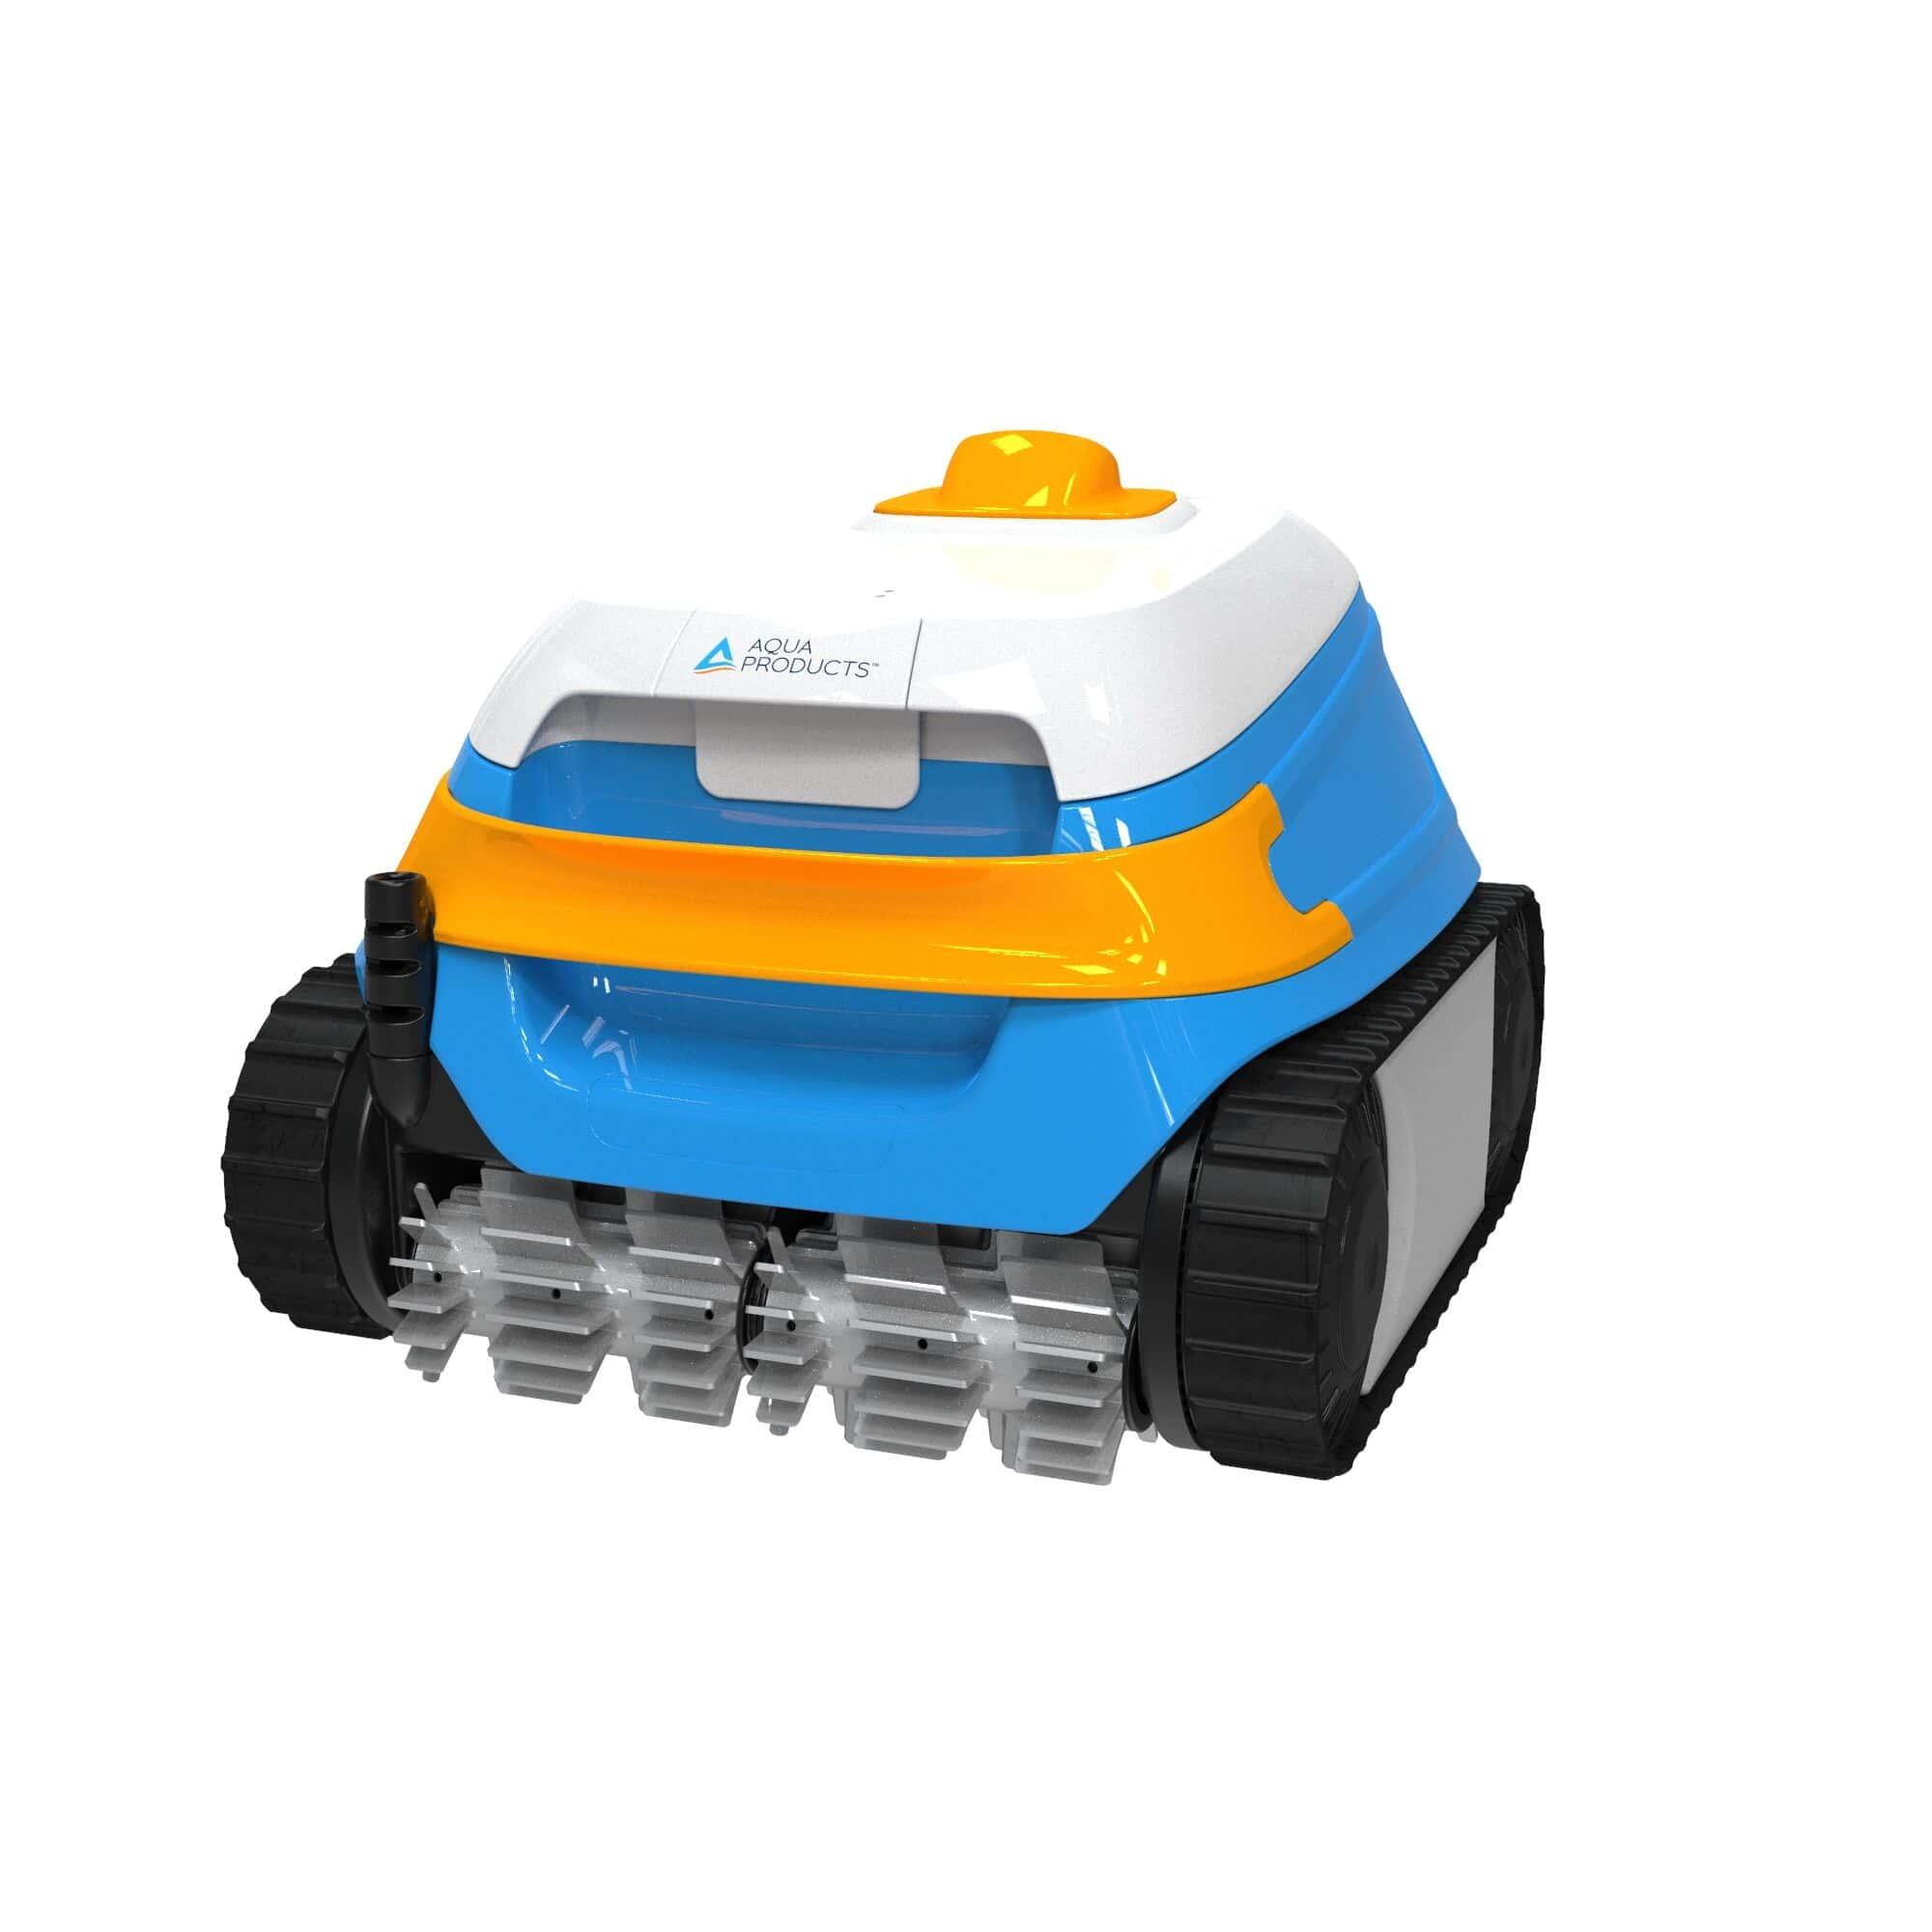 Aqua Products Evo 604 Robotic Pool Cleaner